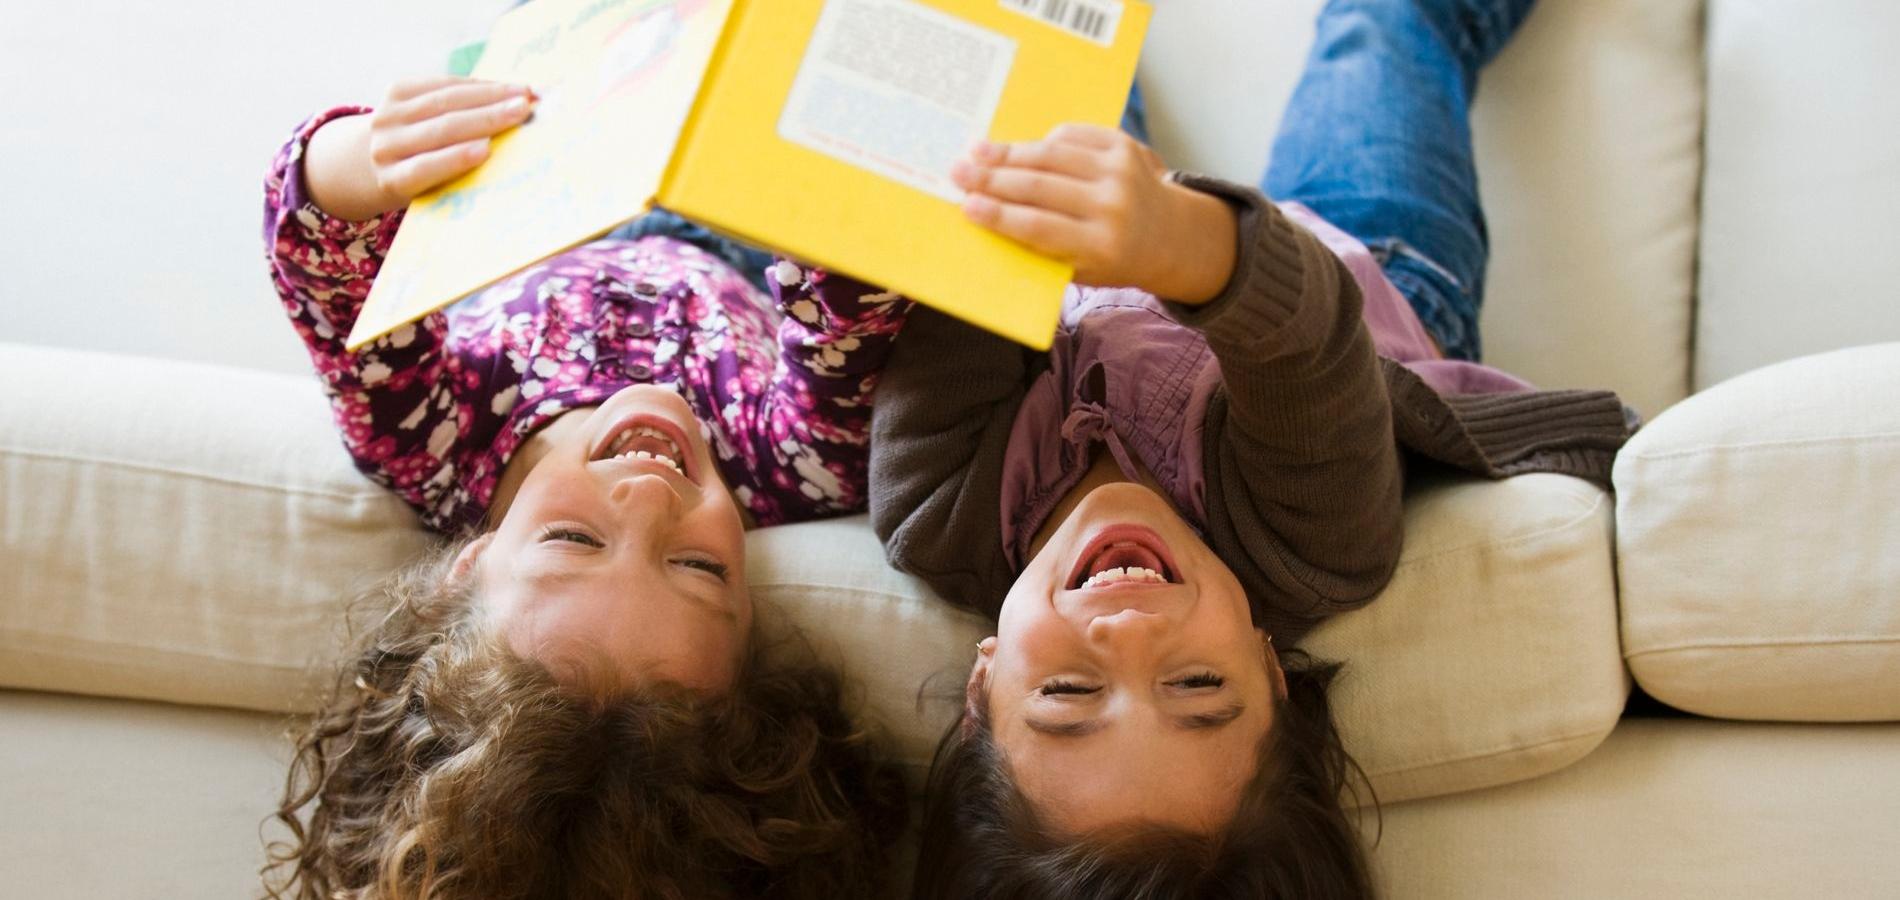 Comment Organiser Un Party D Ado de 0 à 15 ans, 42 idées pour occuper les enfants pendant le